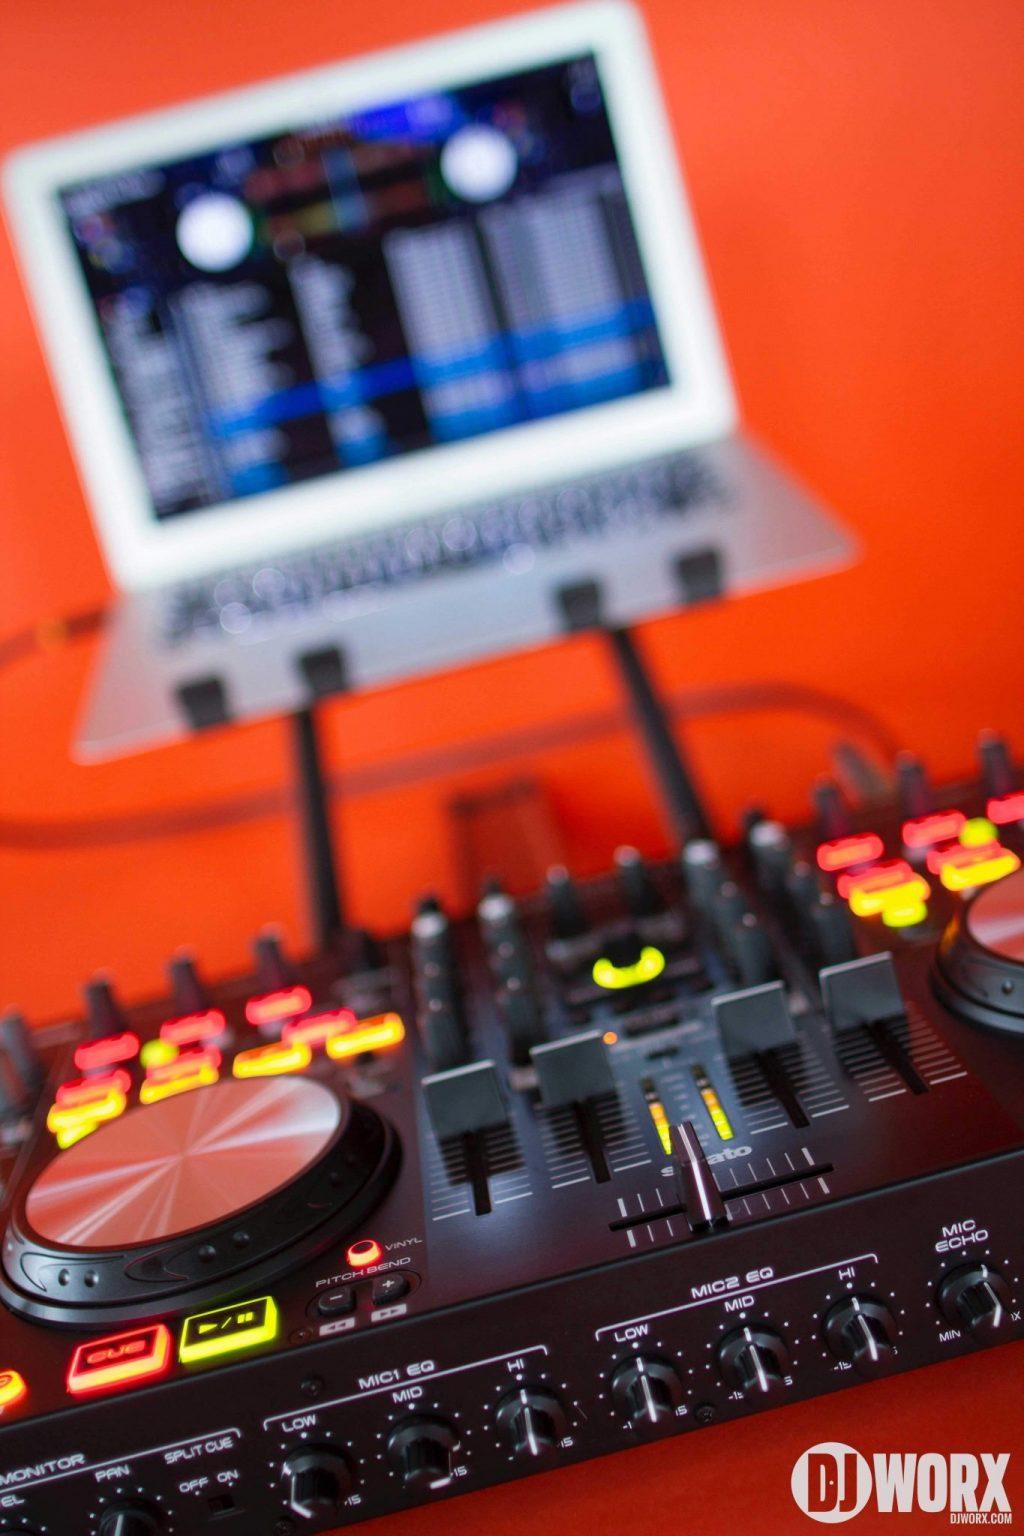 Denon DJ MC6000 mk2 MC6000mk2 Controller Serato DJ Intro Review (19)